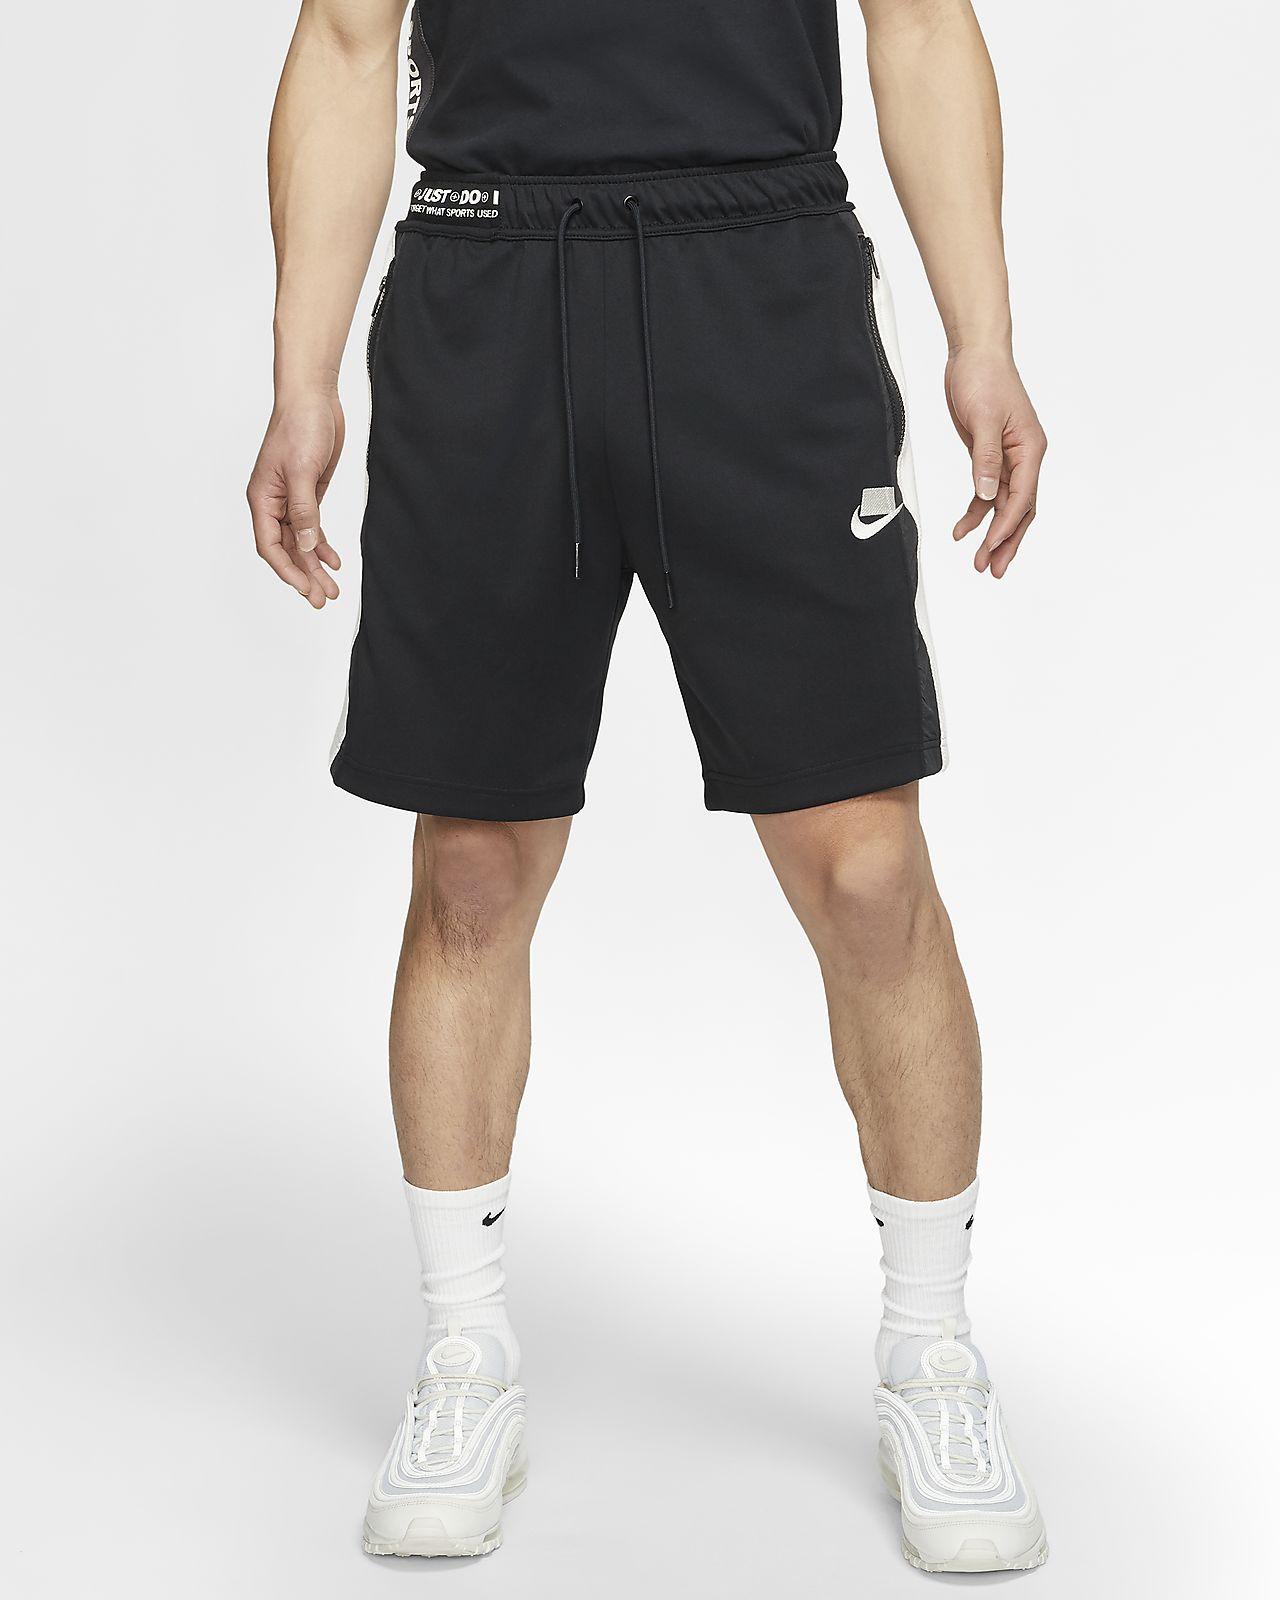 ナイキ スポーツウェア NSW メンズショートパンツ